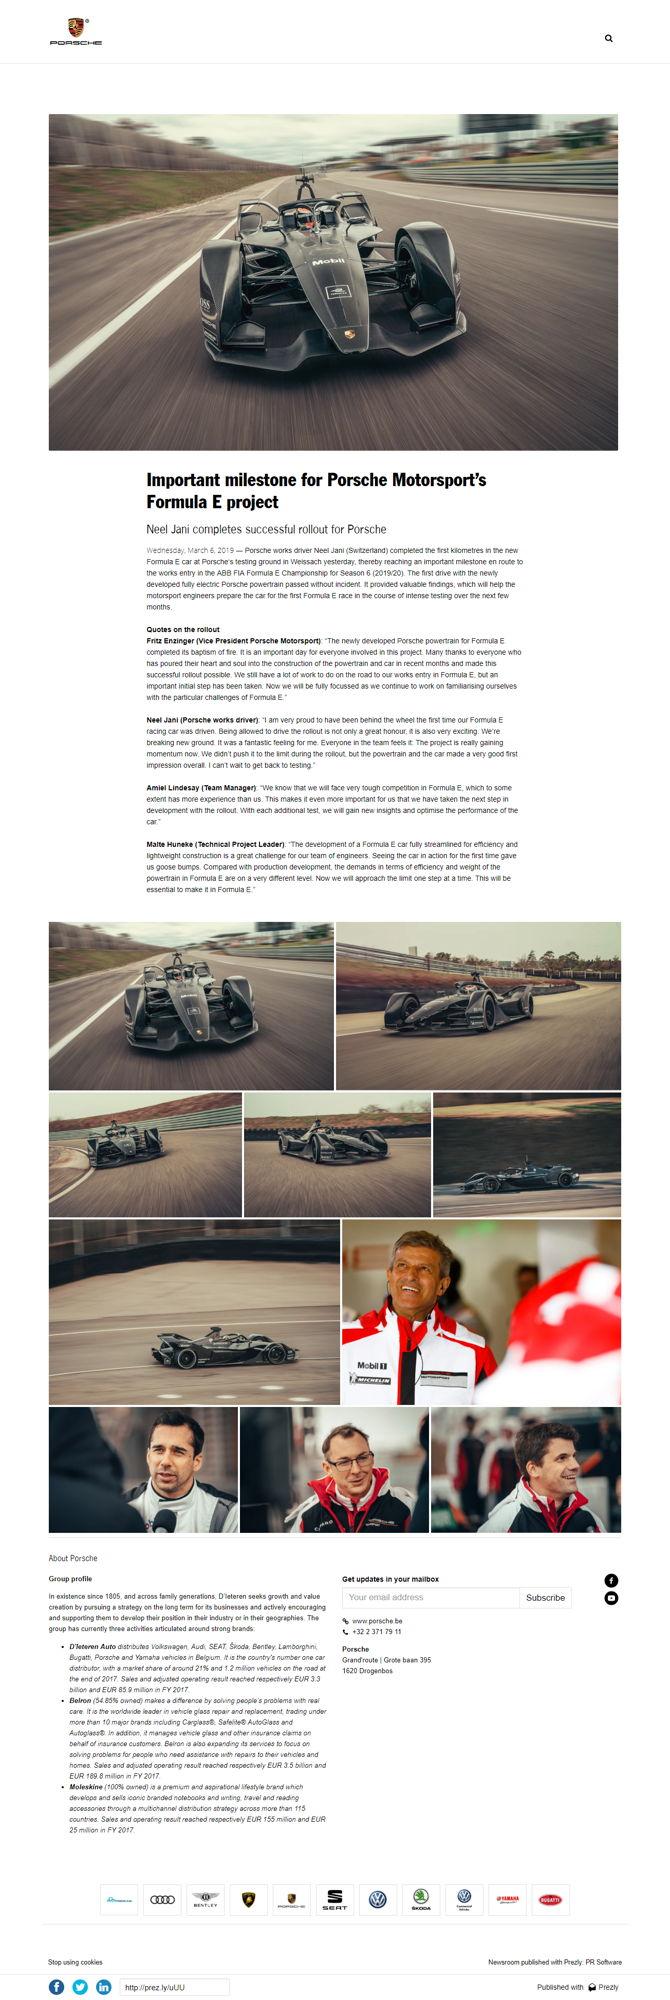 Important milestone for Porsche Motorsport's Formula E project